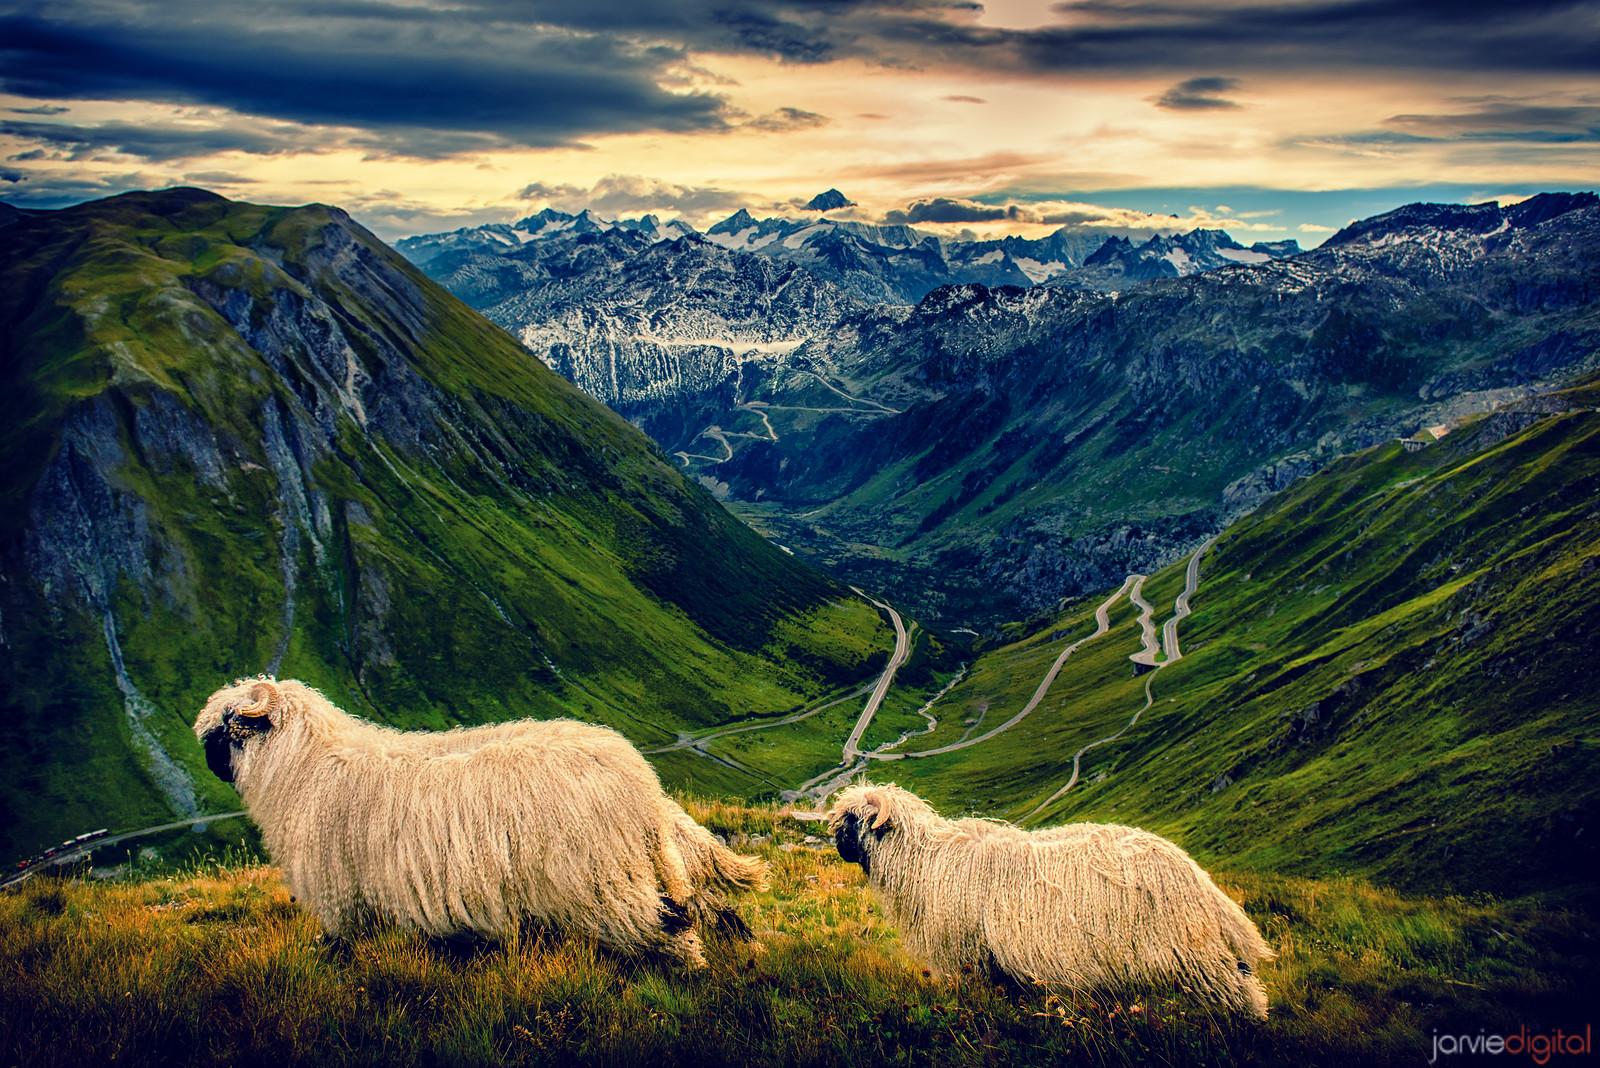 Sheep - Swiss Alps